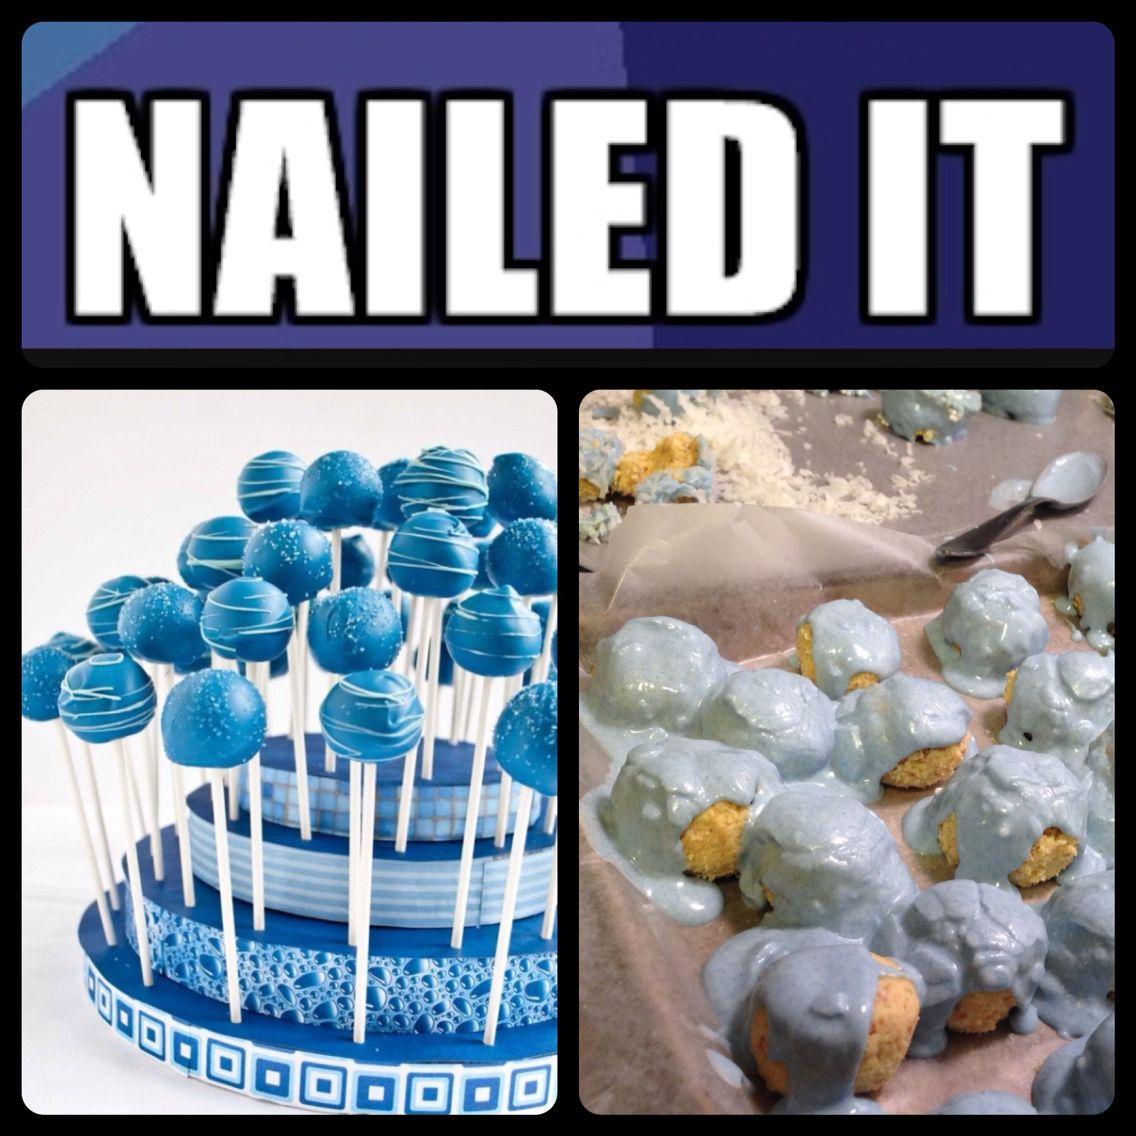 cakepopfail cake pop baking fail nailedit nailed